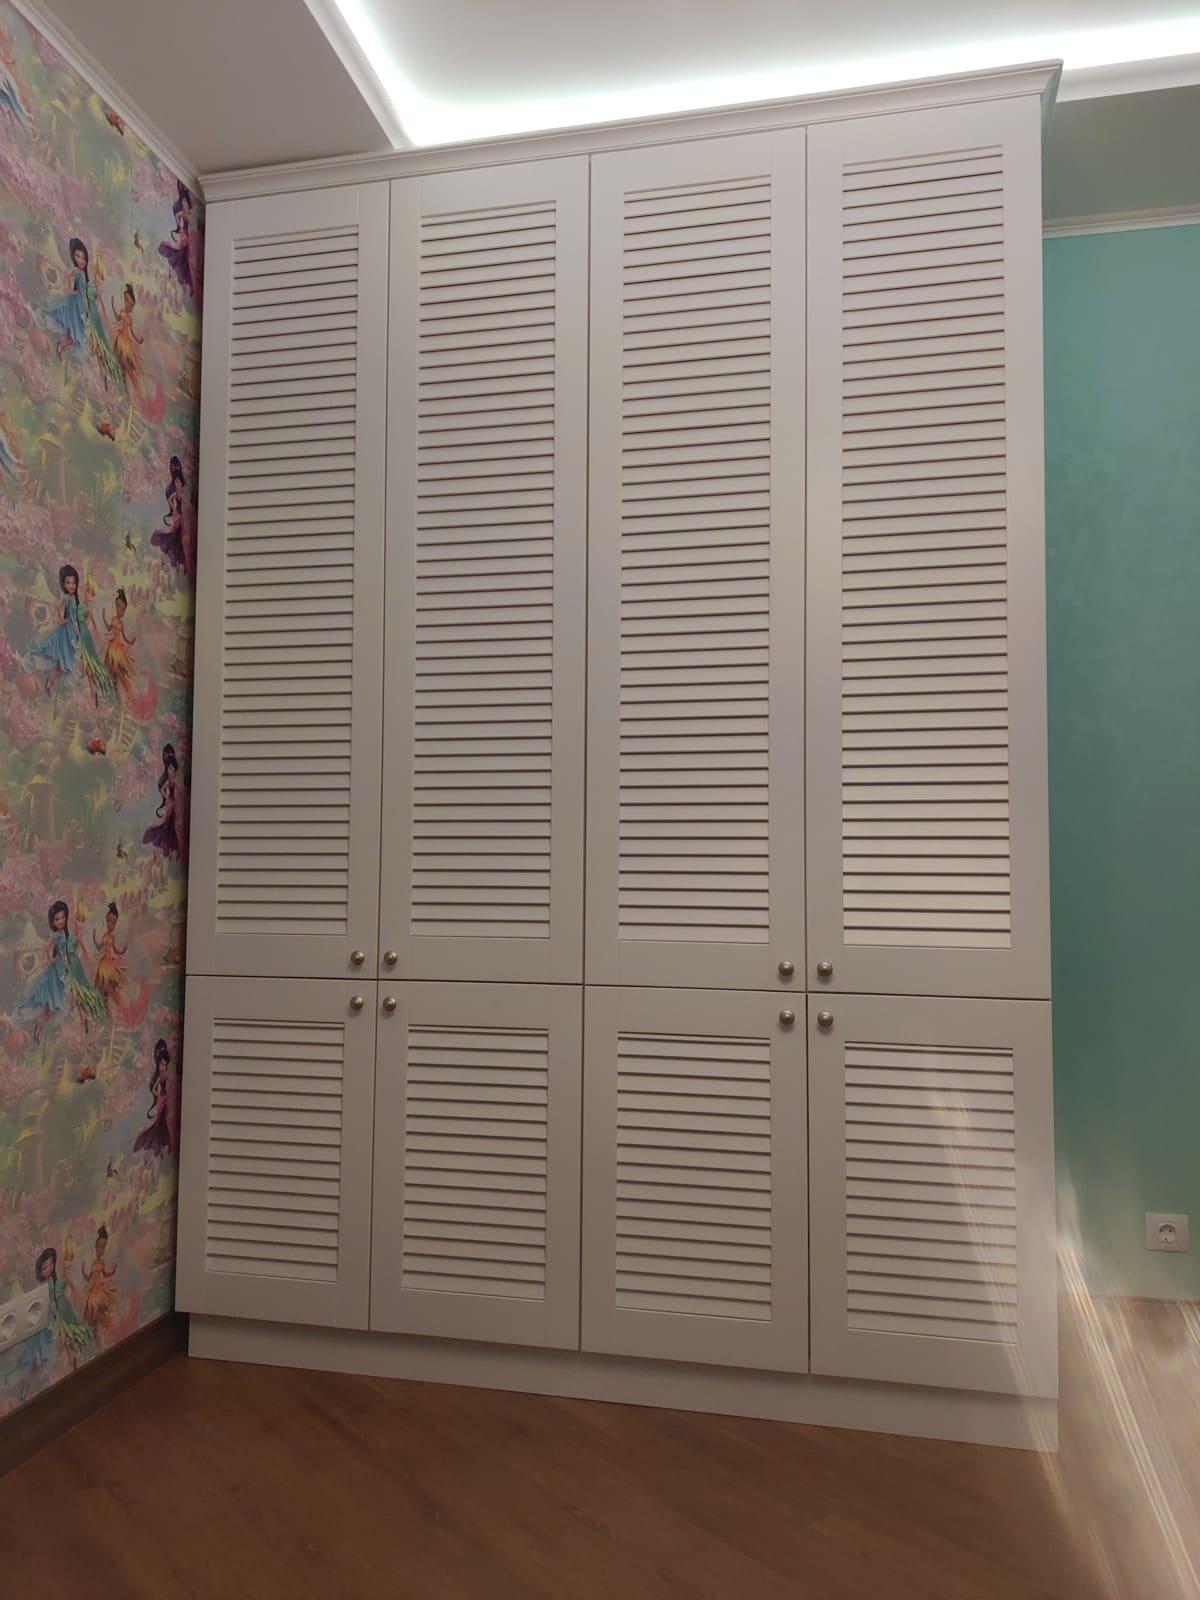 Три шкафа в едином стиле для одной квартиры!